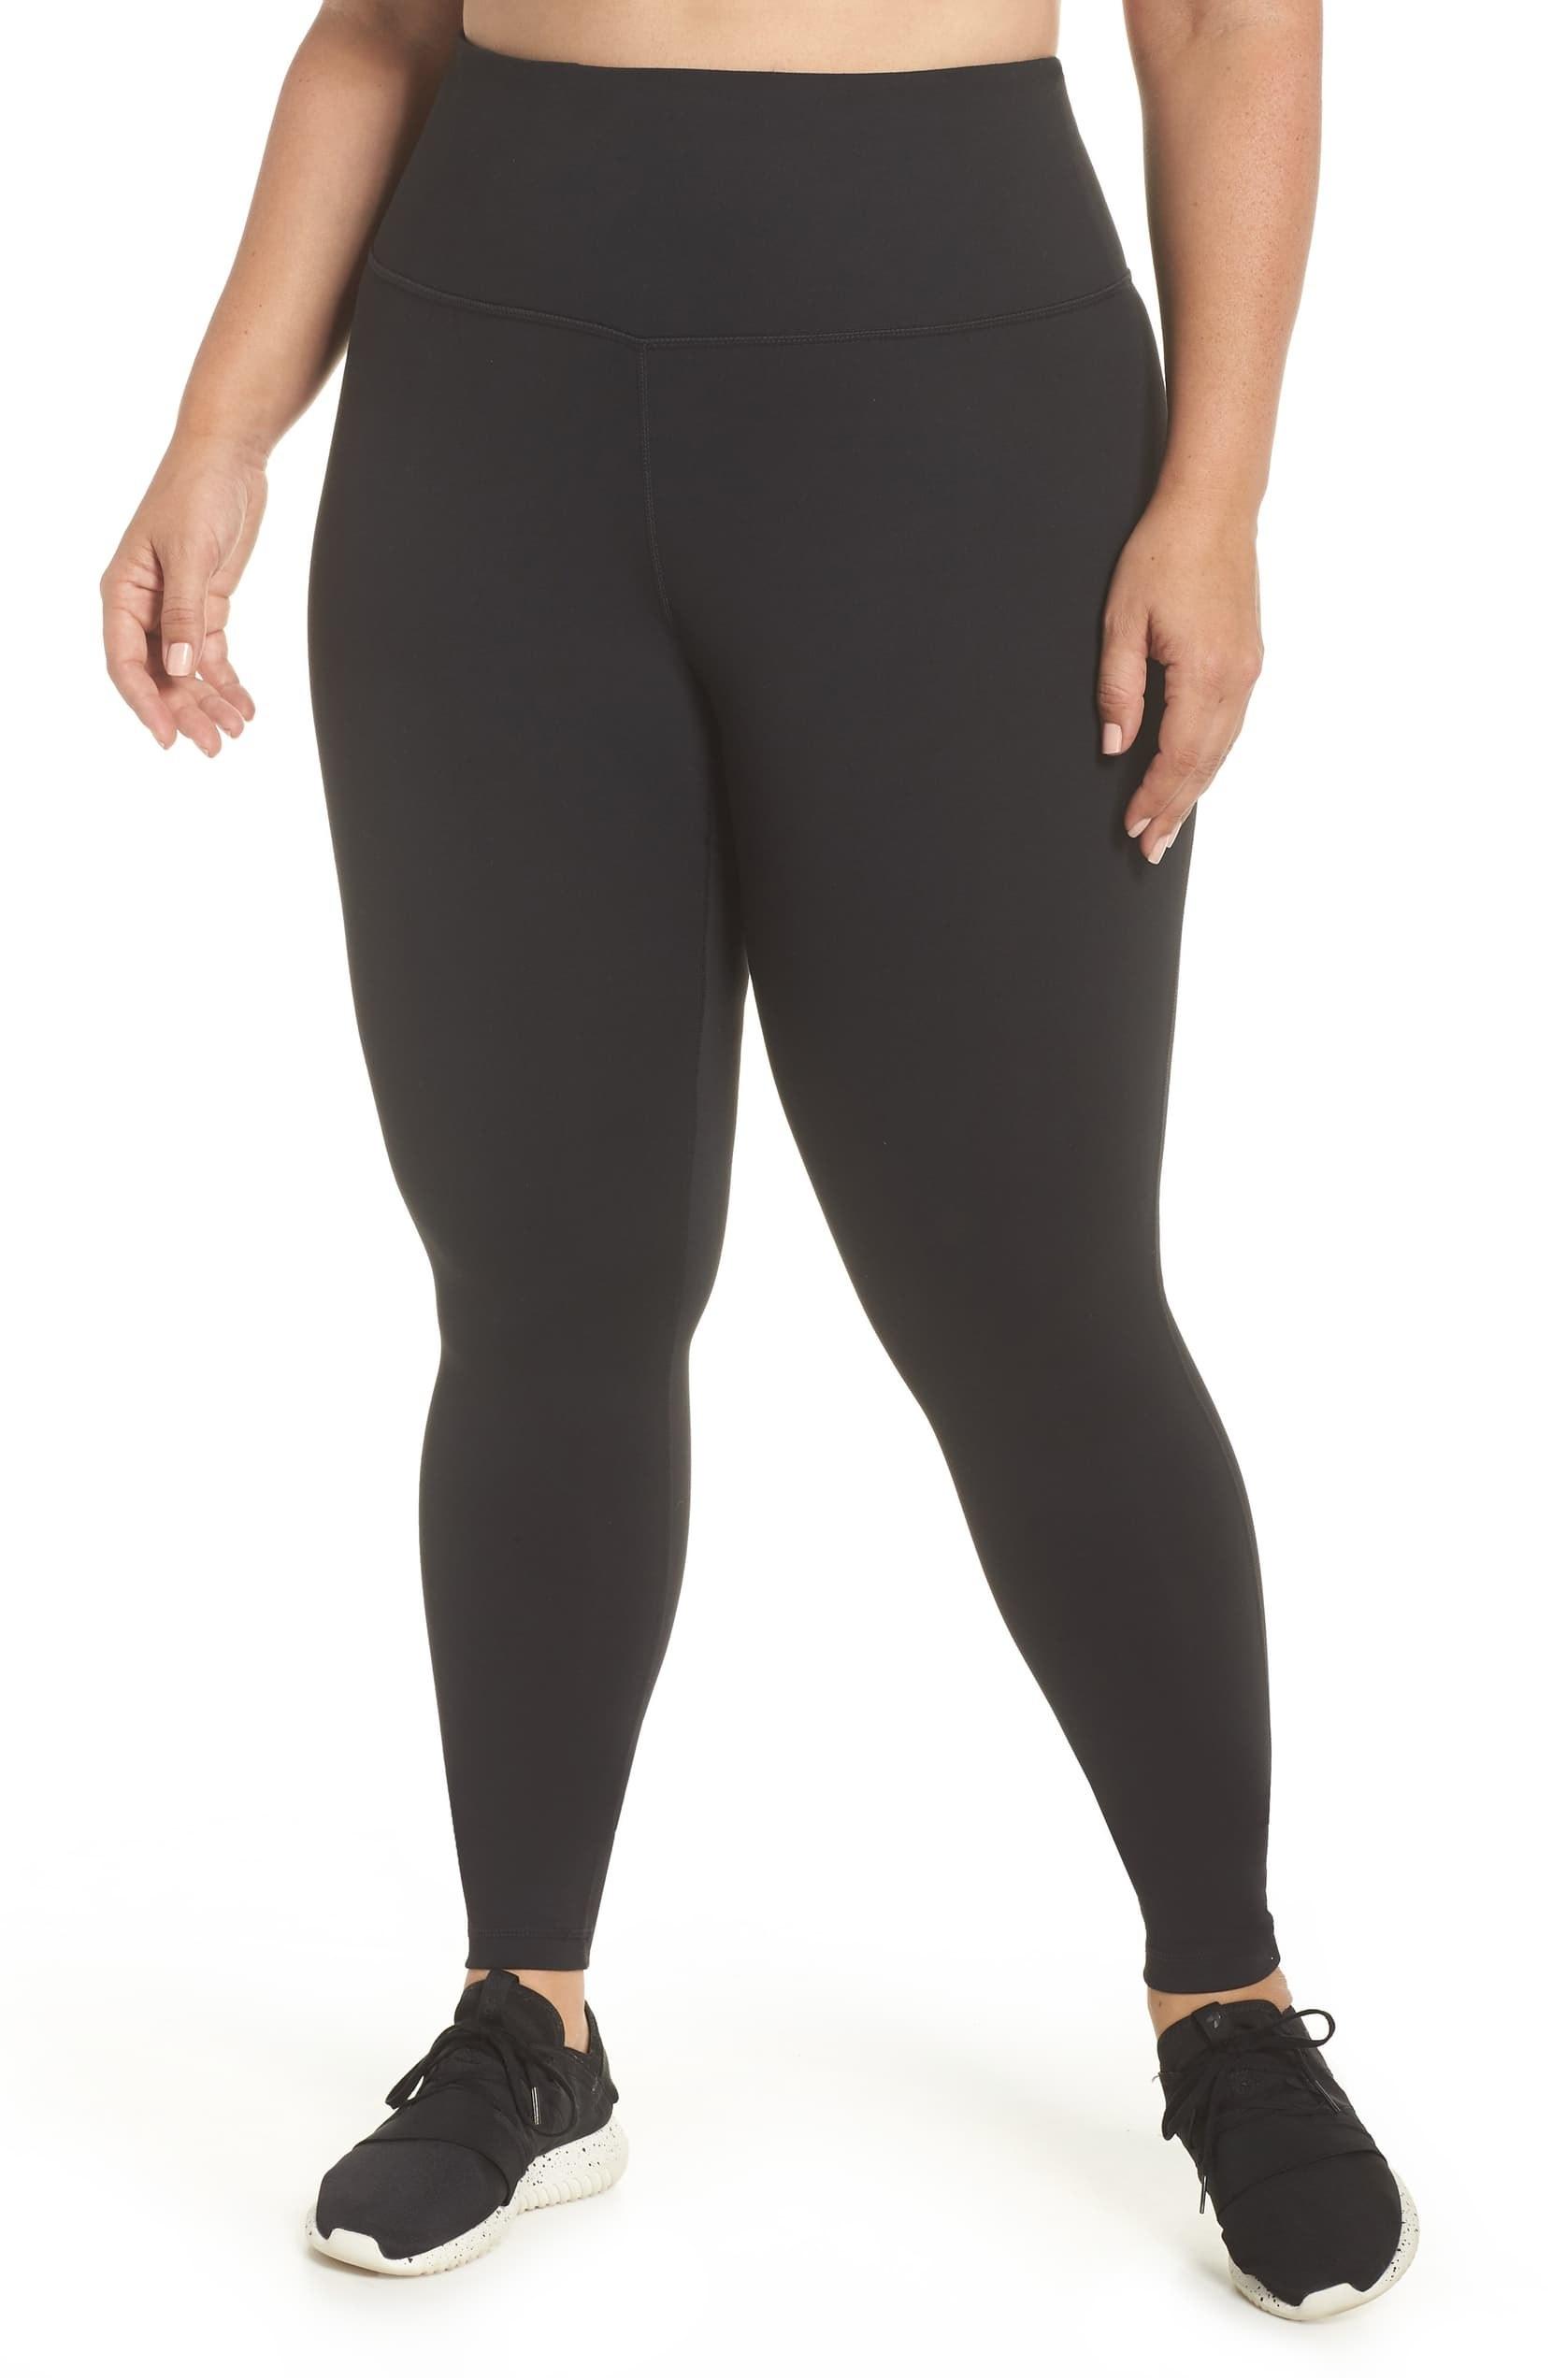 Model wearing Zella Live In High Waist Leggings in black